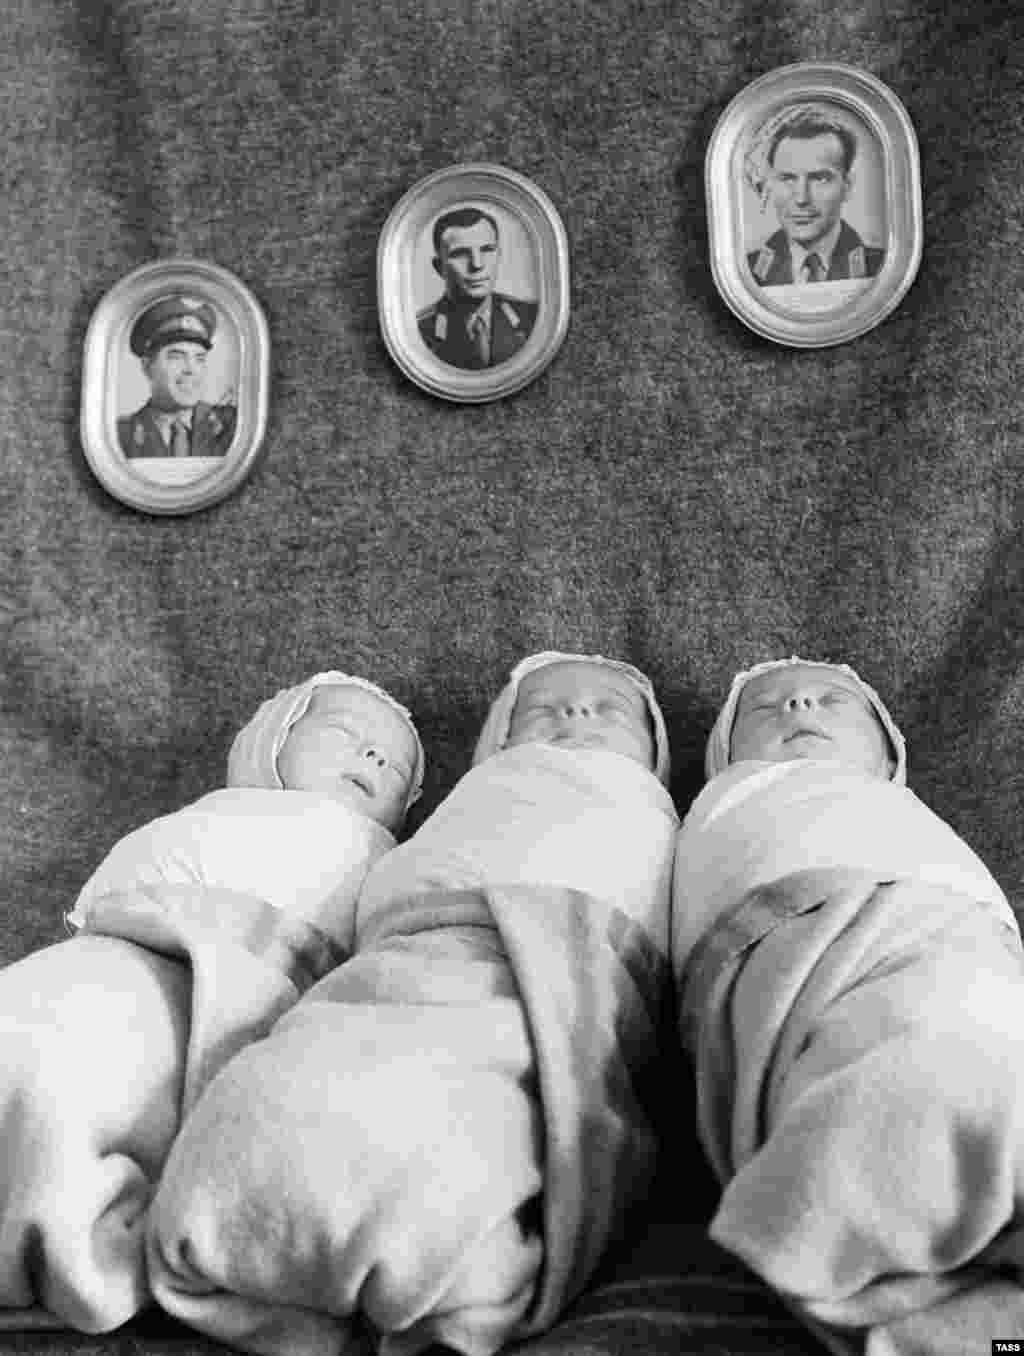 Новорожденные под портретами космонавтов, 8 февраля 1963 года. Фото Гагарина в центре. В 60-х имя Юрий стало одним из самых популярных в Советском Союзе